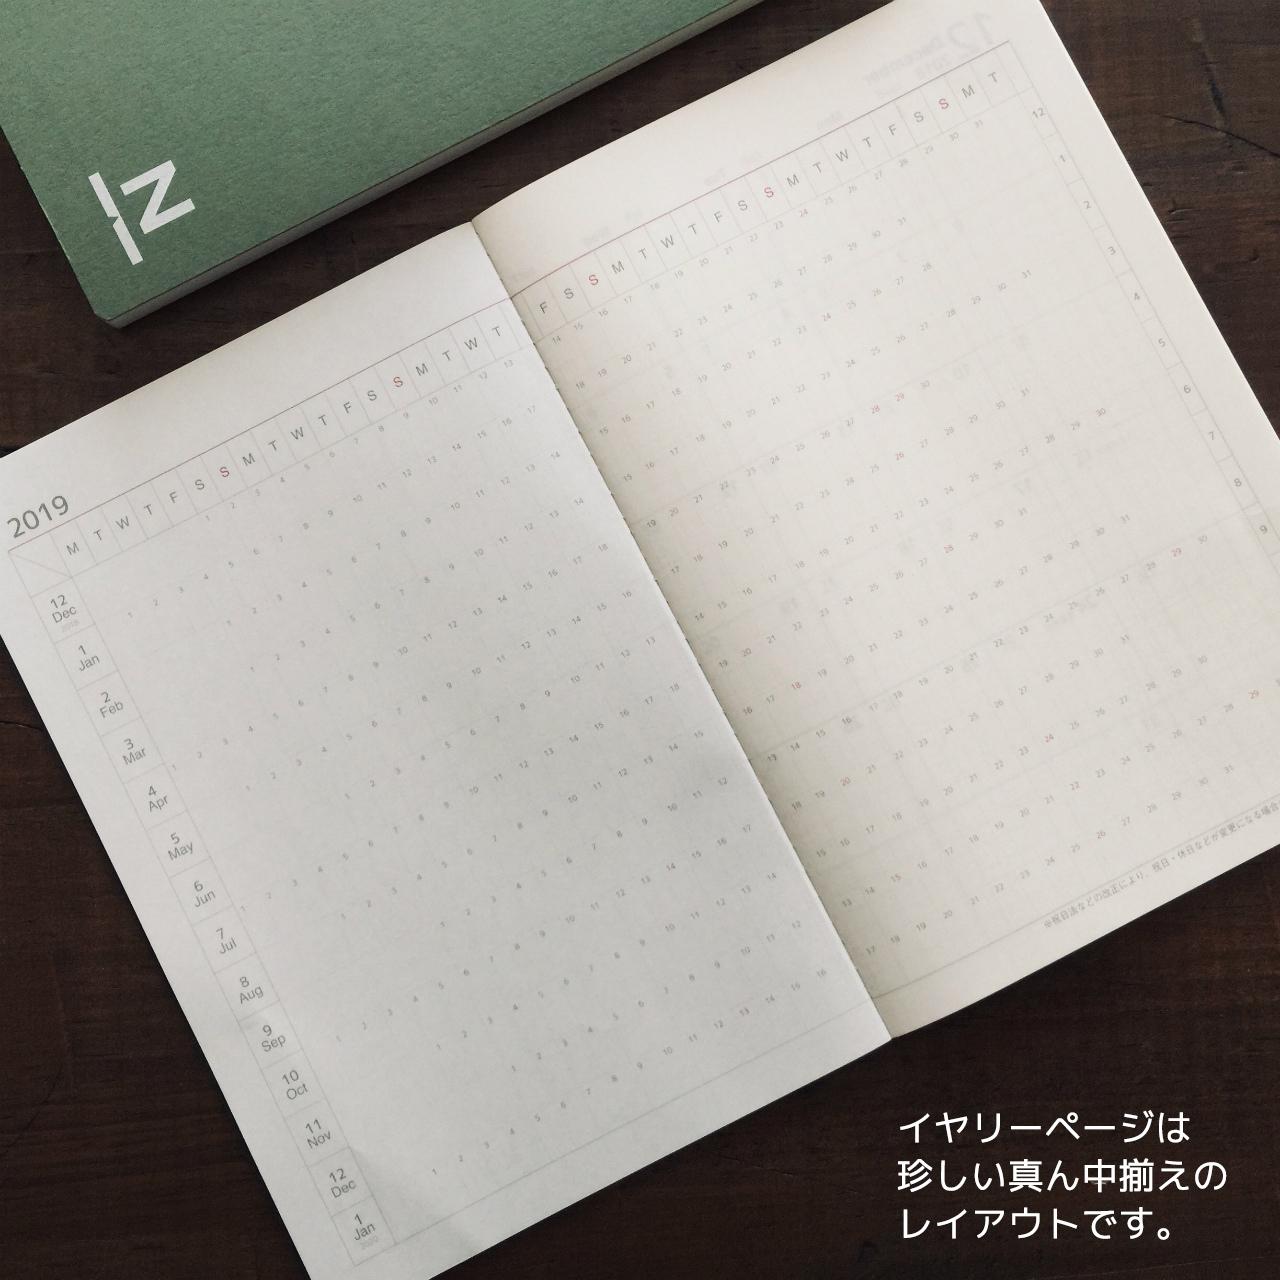 2020ノンブルノート「N」+MONTHLY(マンスリー帳)※実質無料